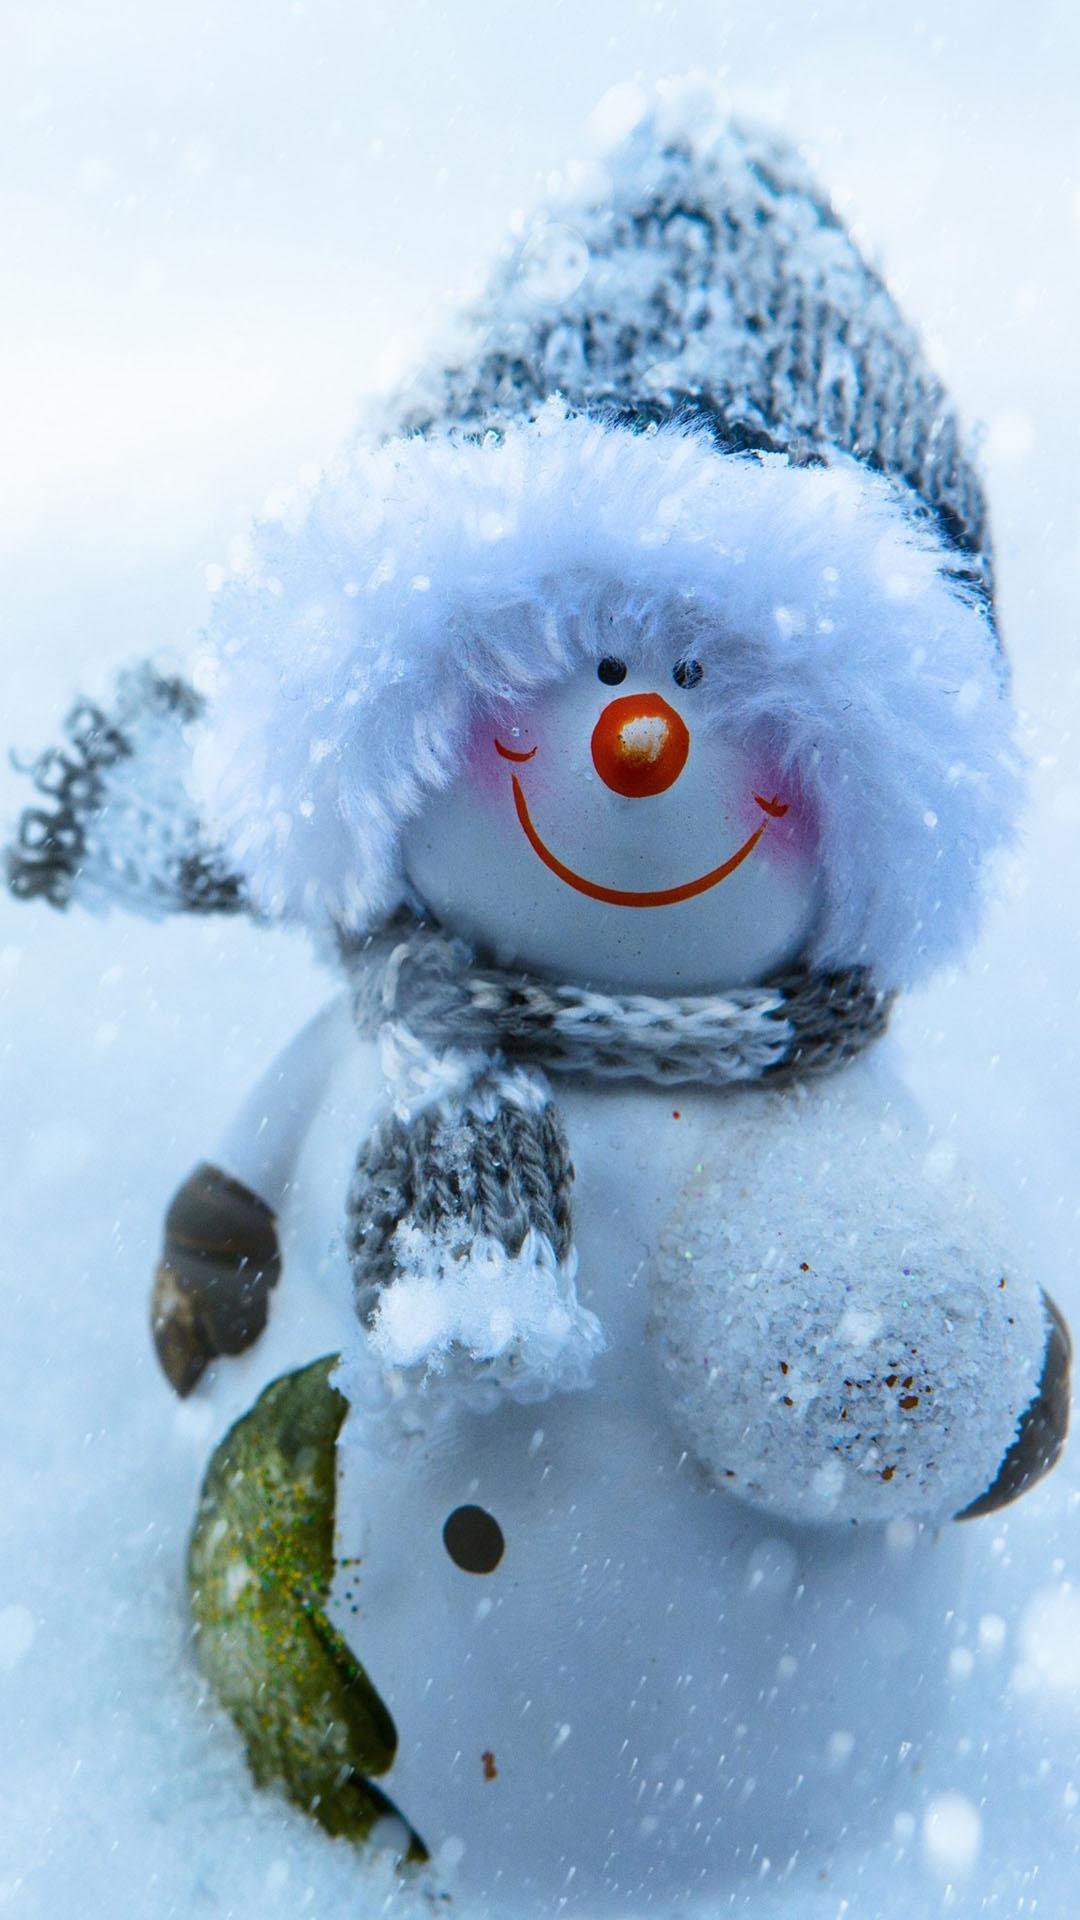 snowman snow scarf smile 1080x1920